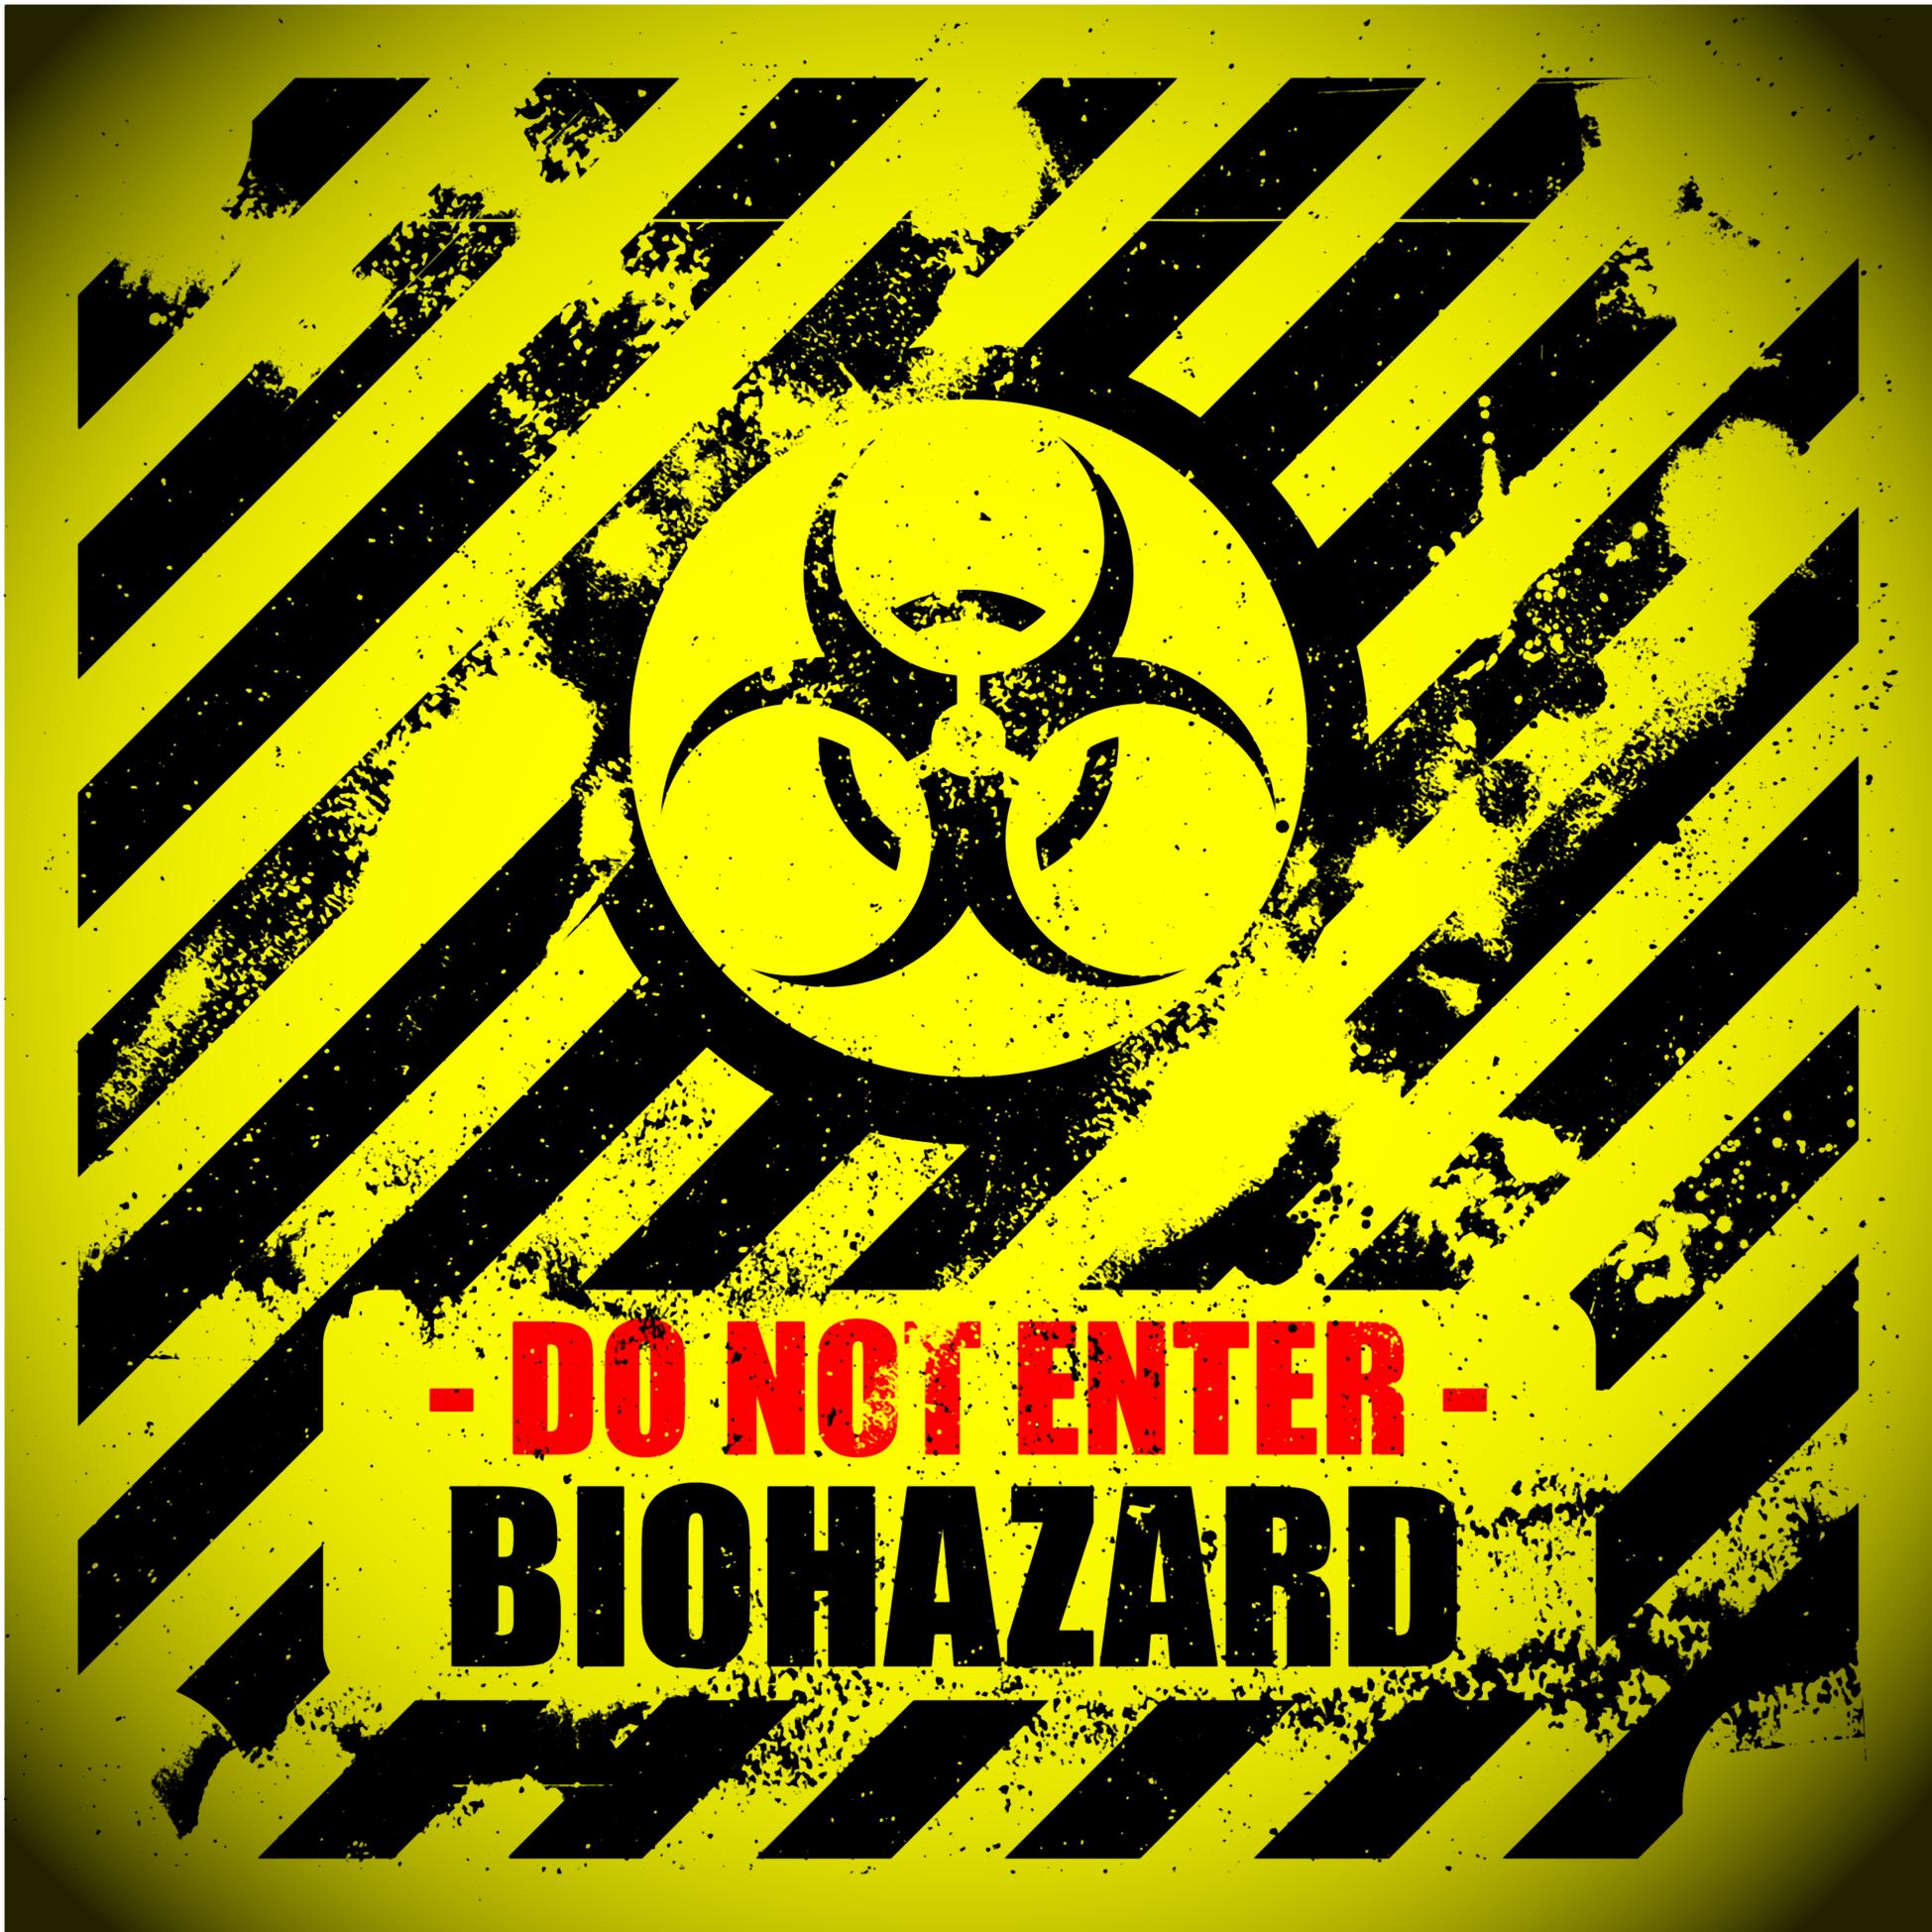 biohazard bg